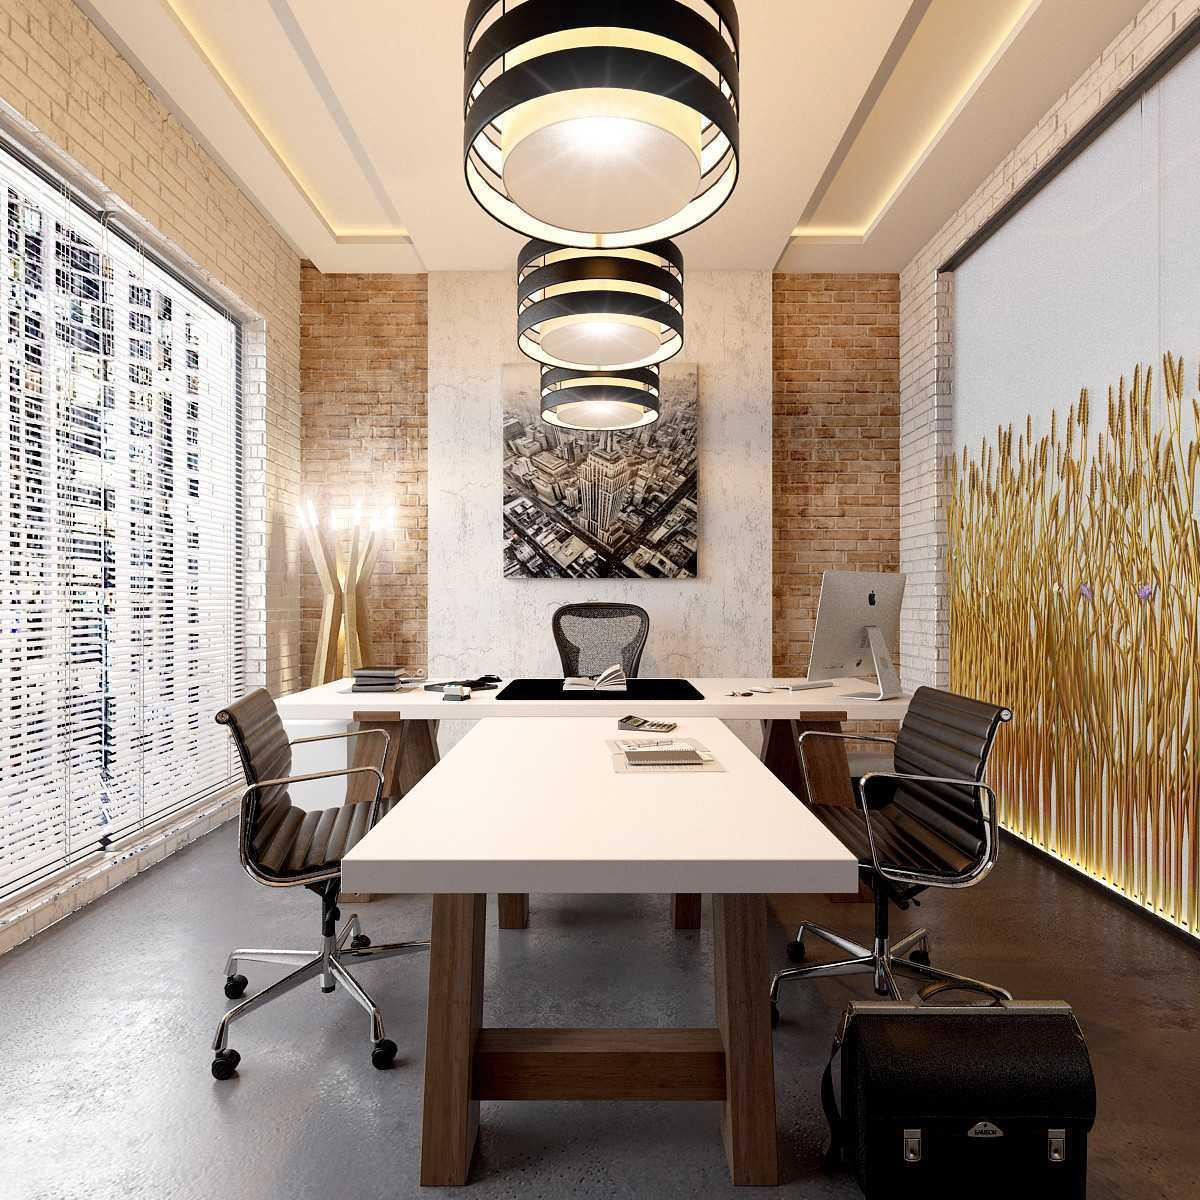 Jr Design Soho Grogol, Grogol Petamburan, West Jakarta City, Jakarta, Indonesia Grogol, Grogol Petamburan, West Jakarta City, Jakarta, Indonesia Img9875 Industrial  32111